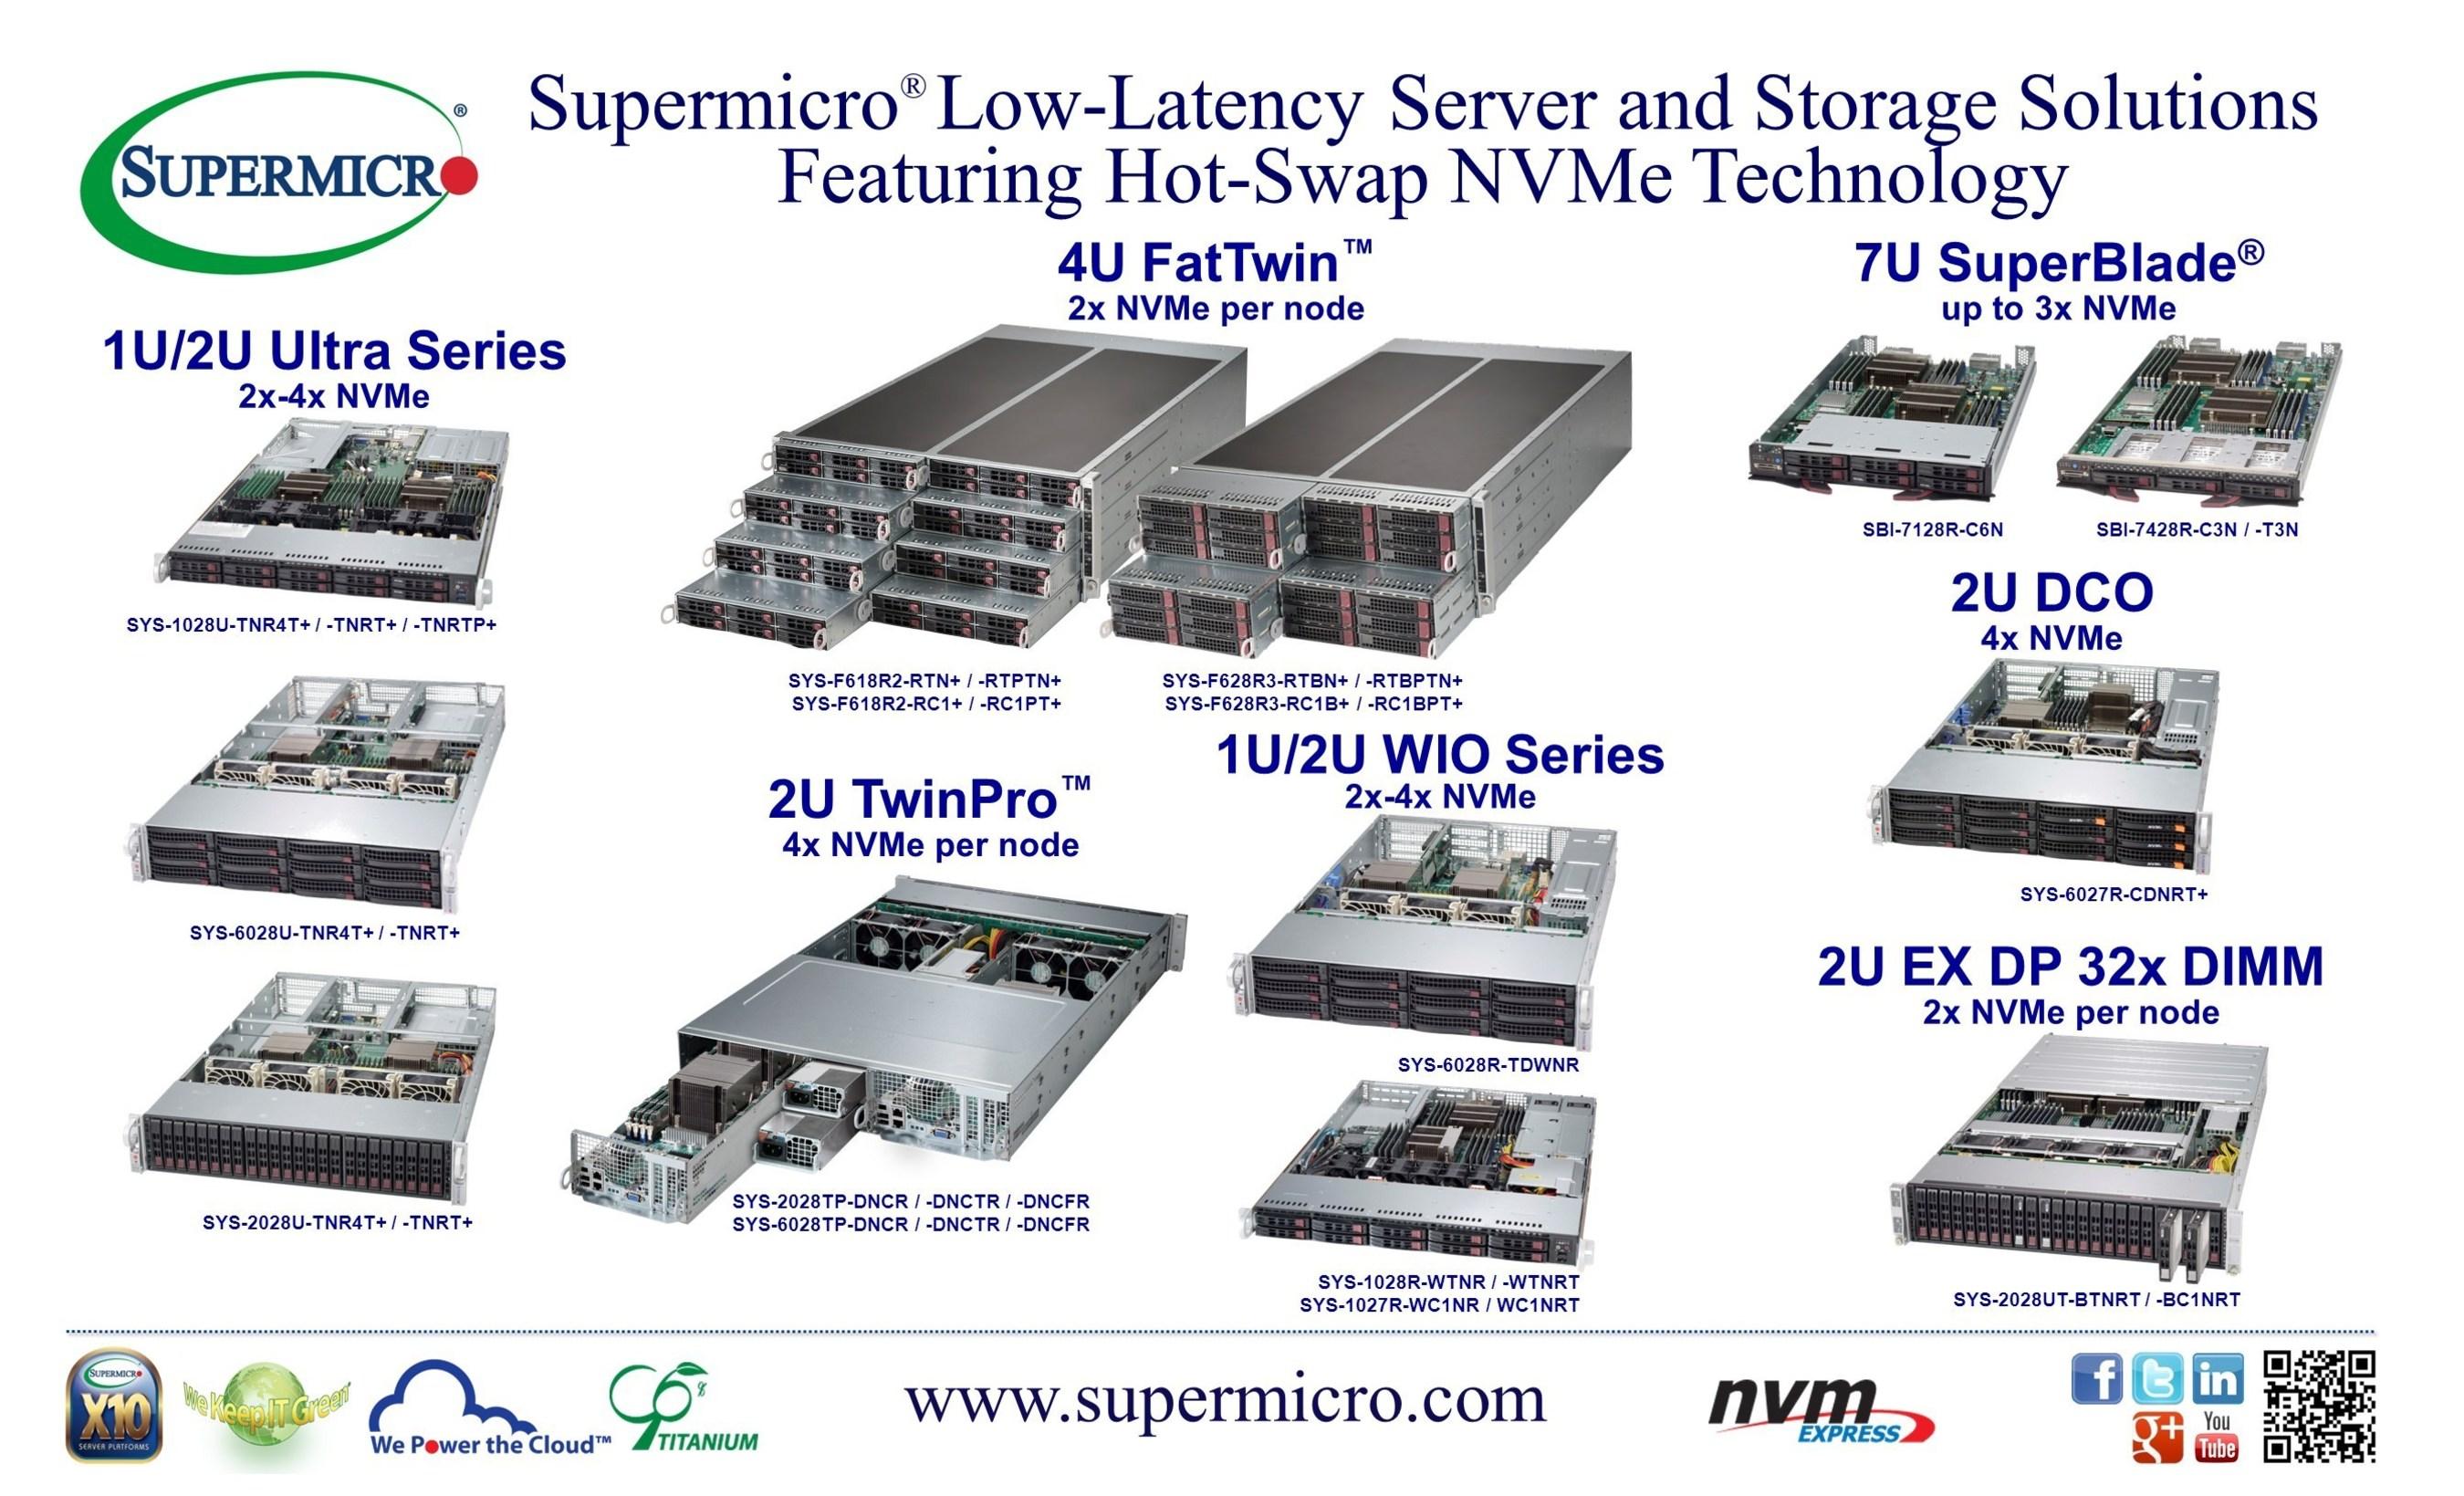 Supermicro® agrandit sa gamme de serveurs et solutions de stockage à faible temps d'attente en